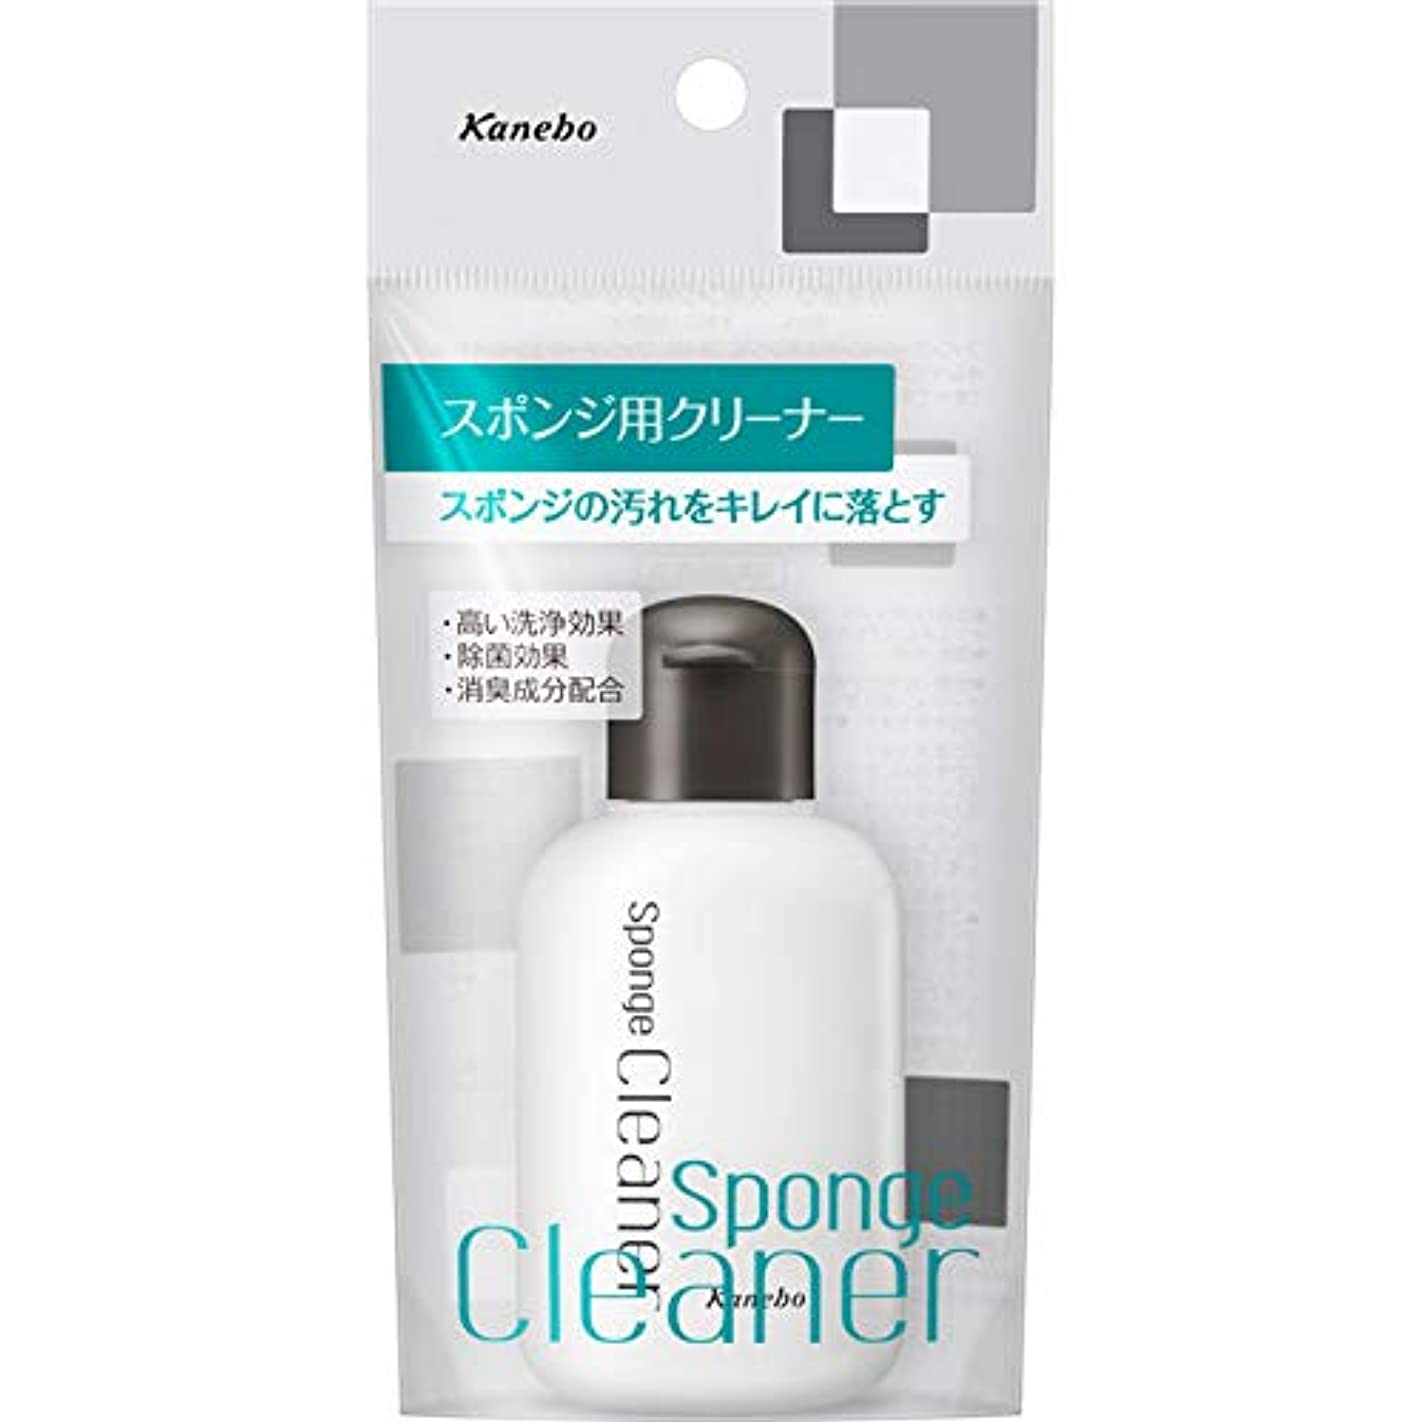 トラップ海里ベースカネボウ化粧品 スポンジ用クリーナー 55ml